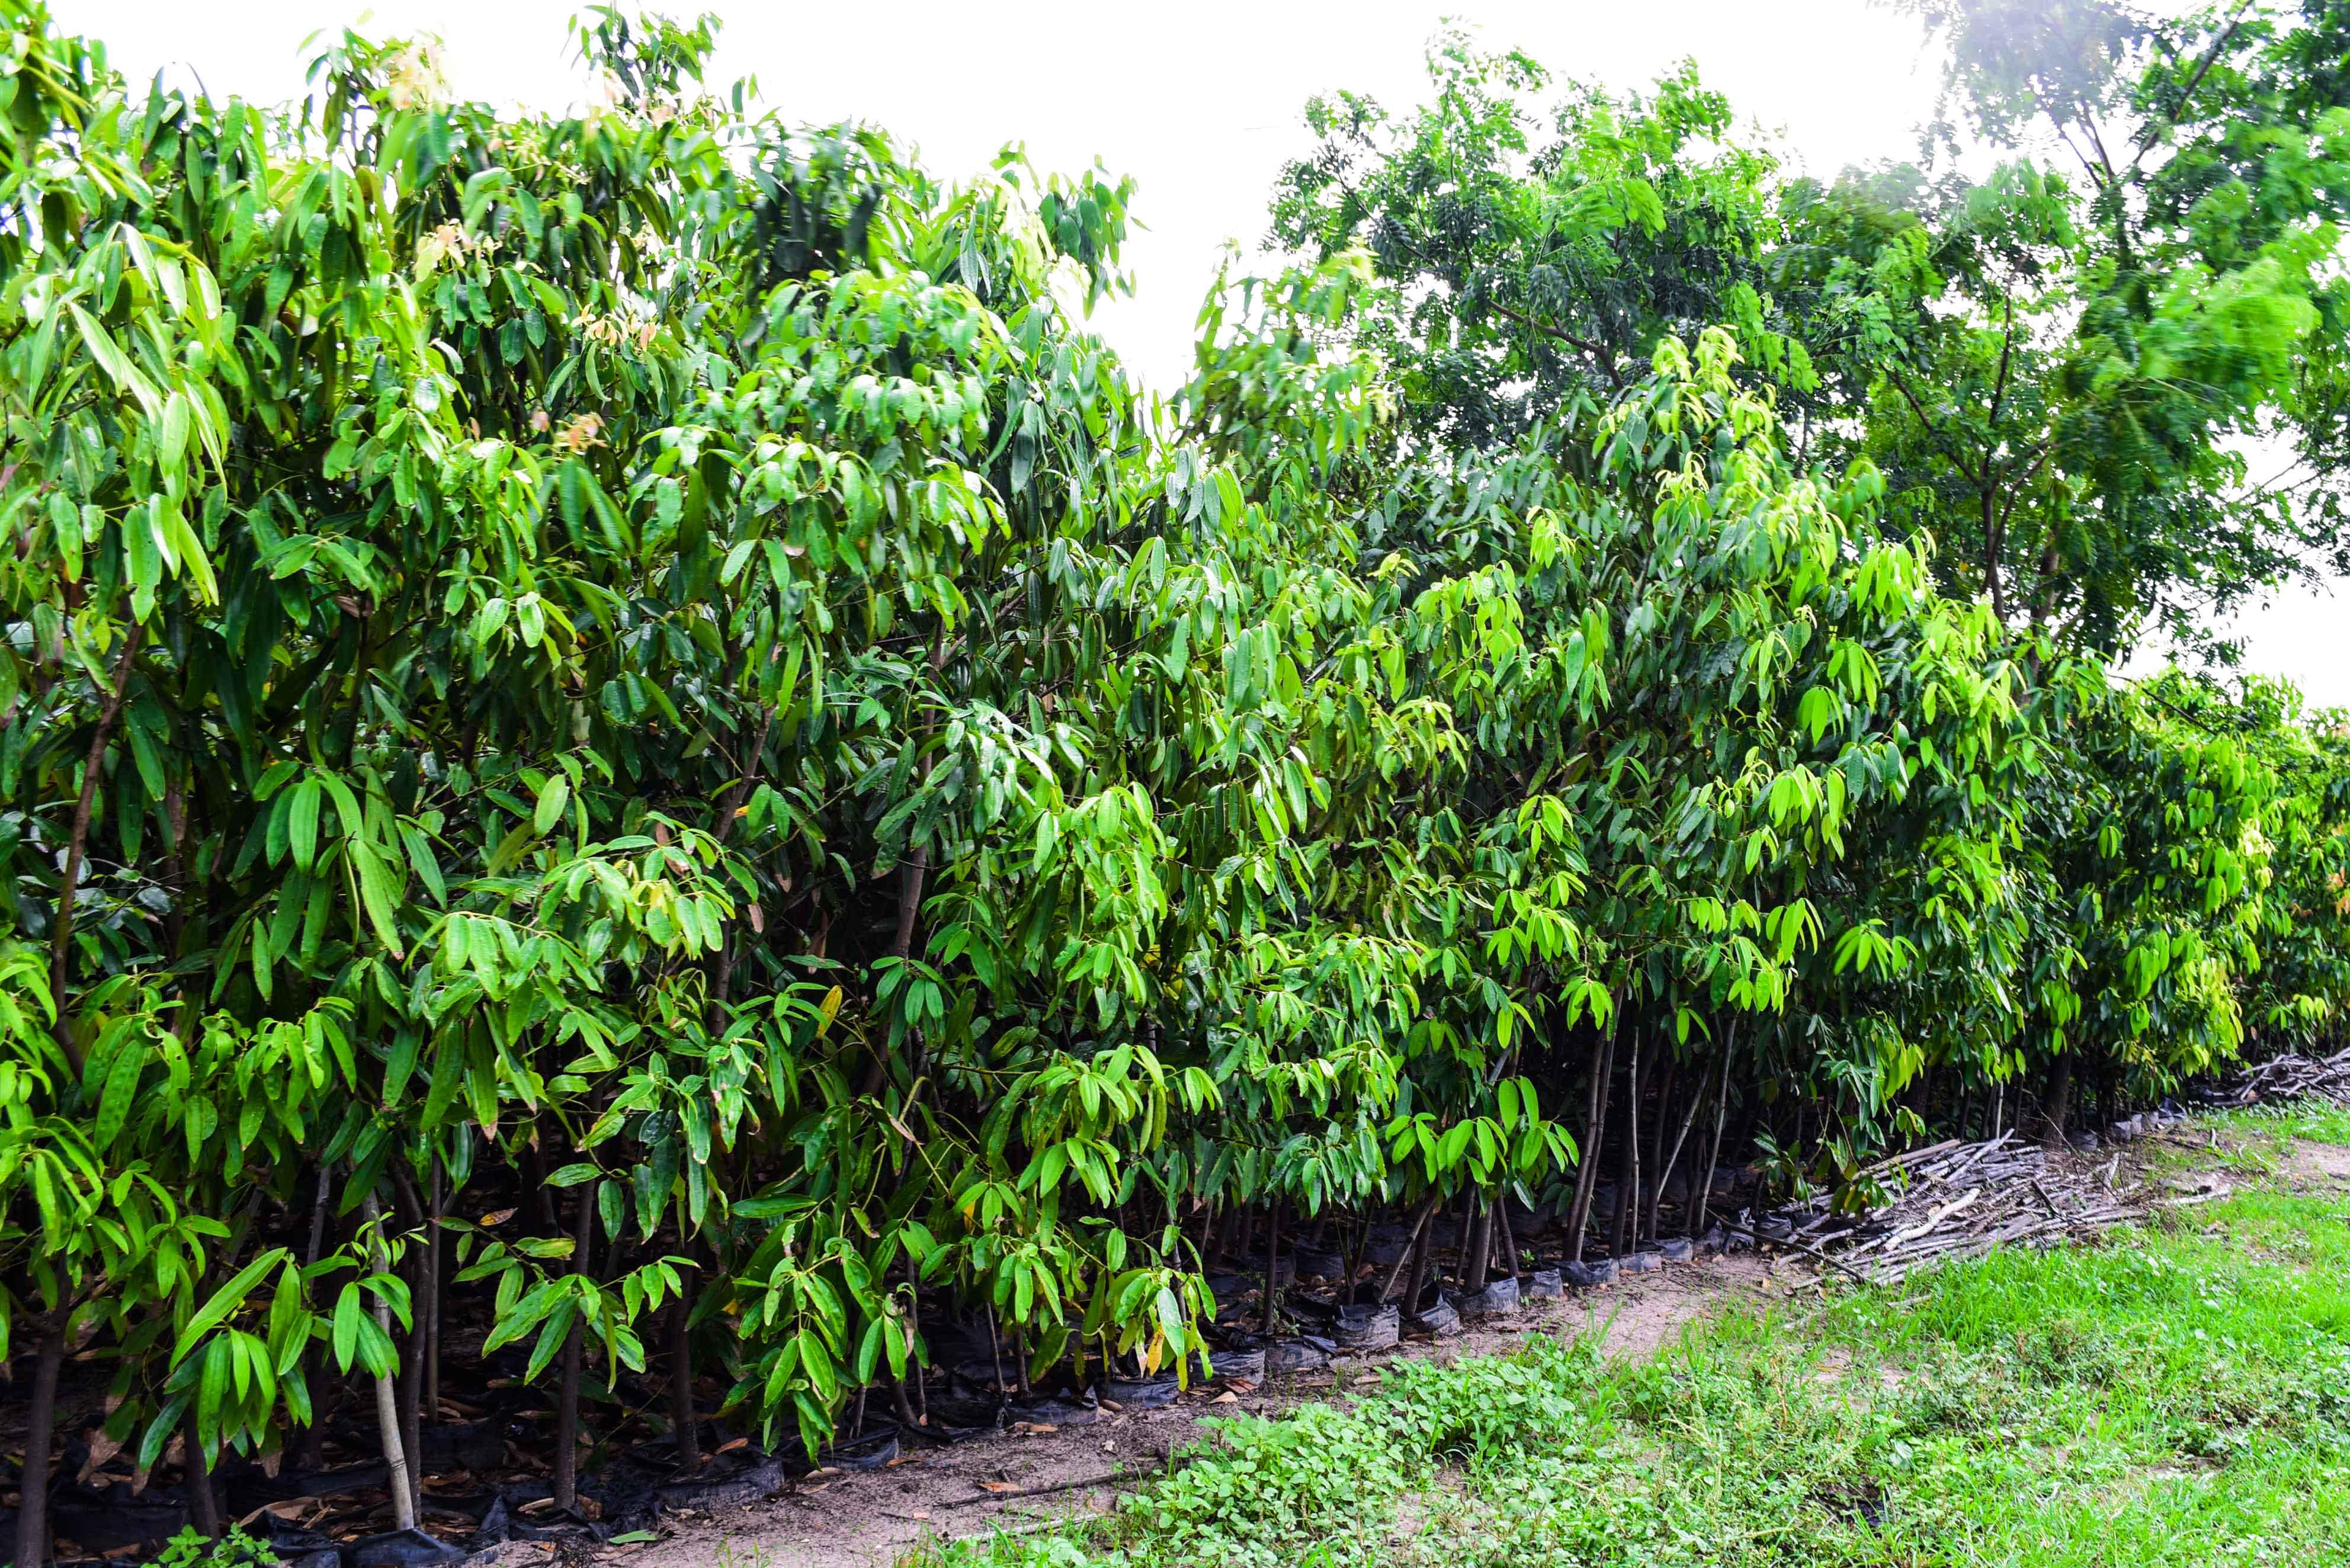 Kehidupan warga di daerah tananam pohon kayu  manis yang cukup sandang-cukup pangan